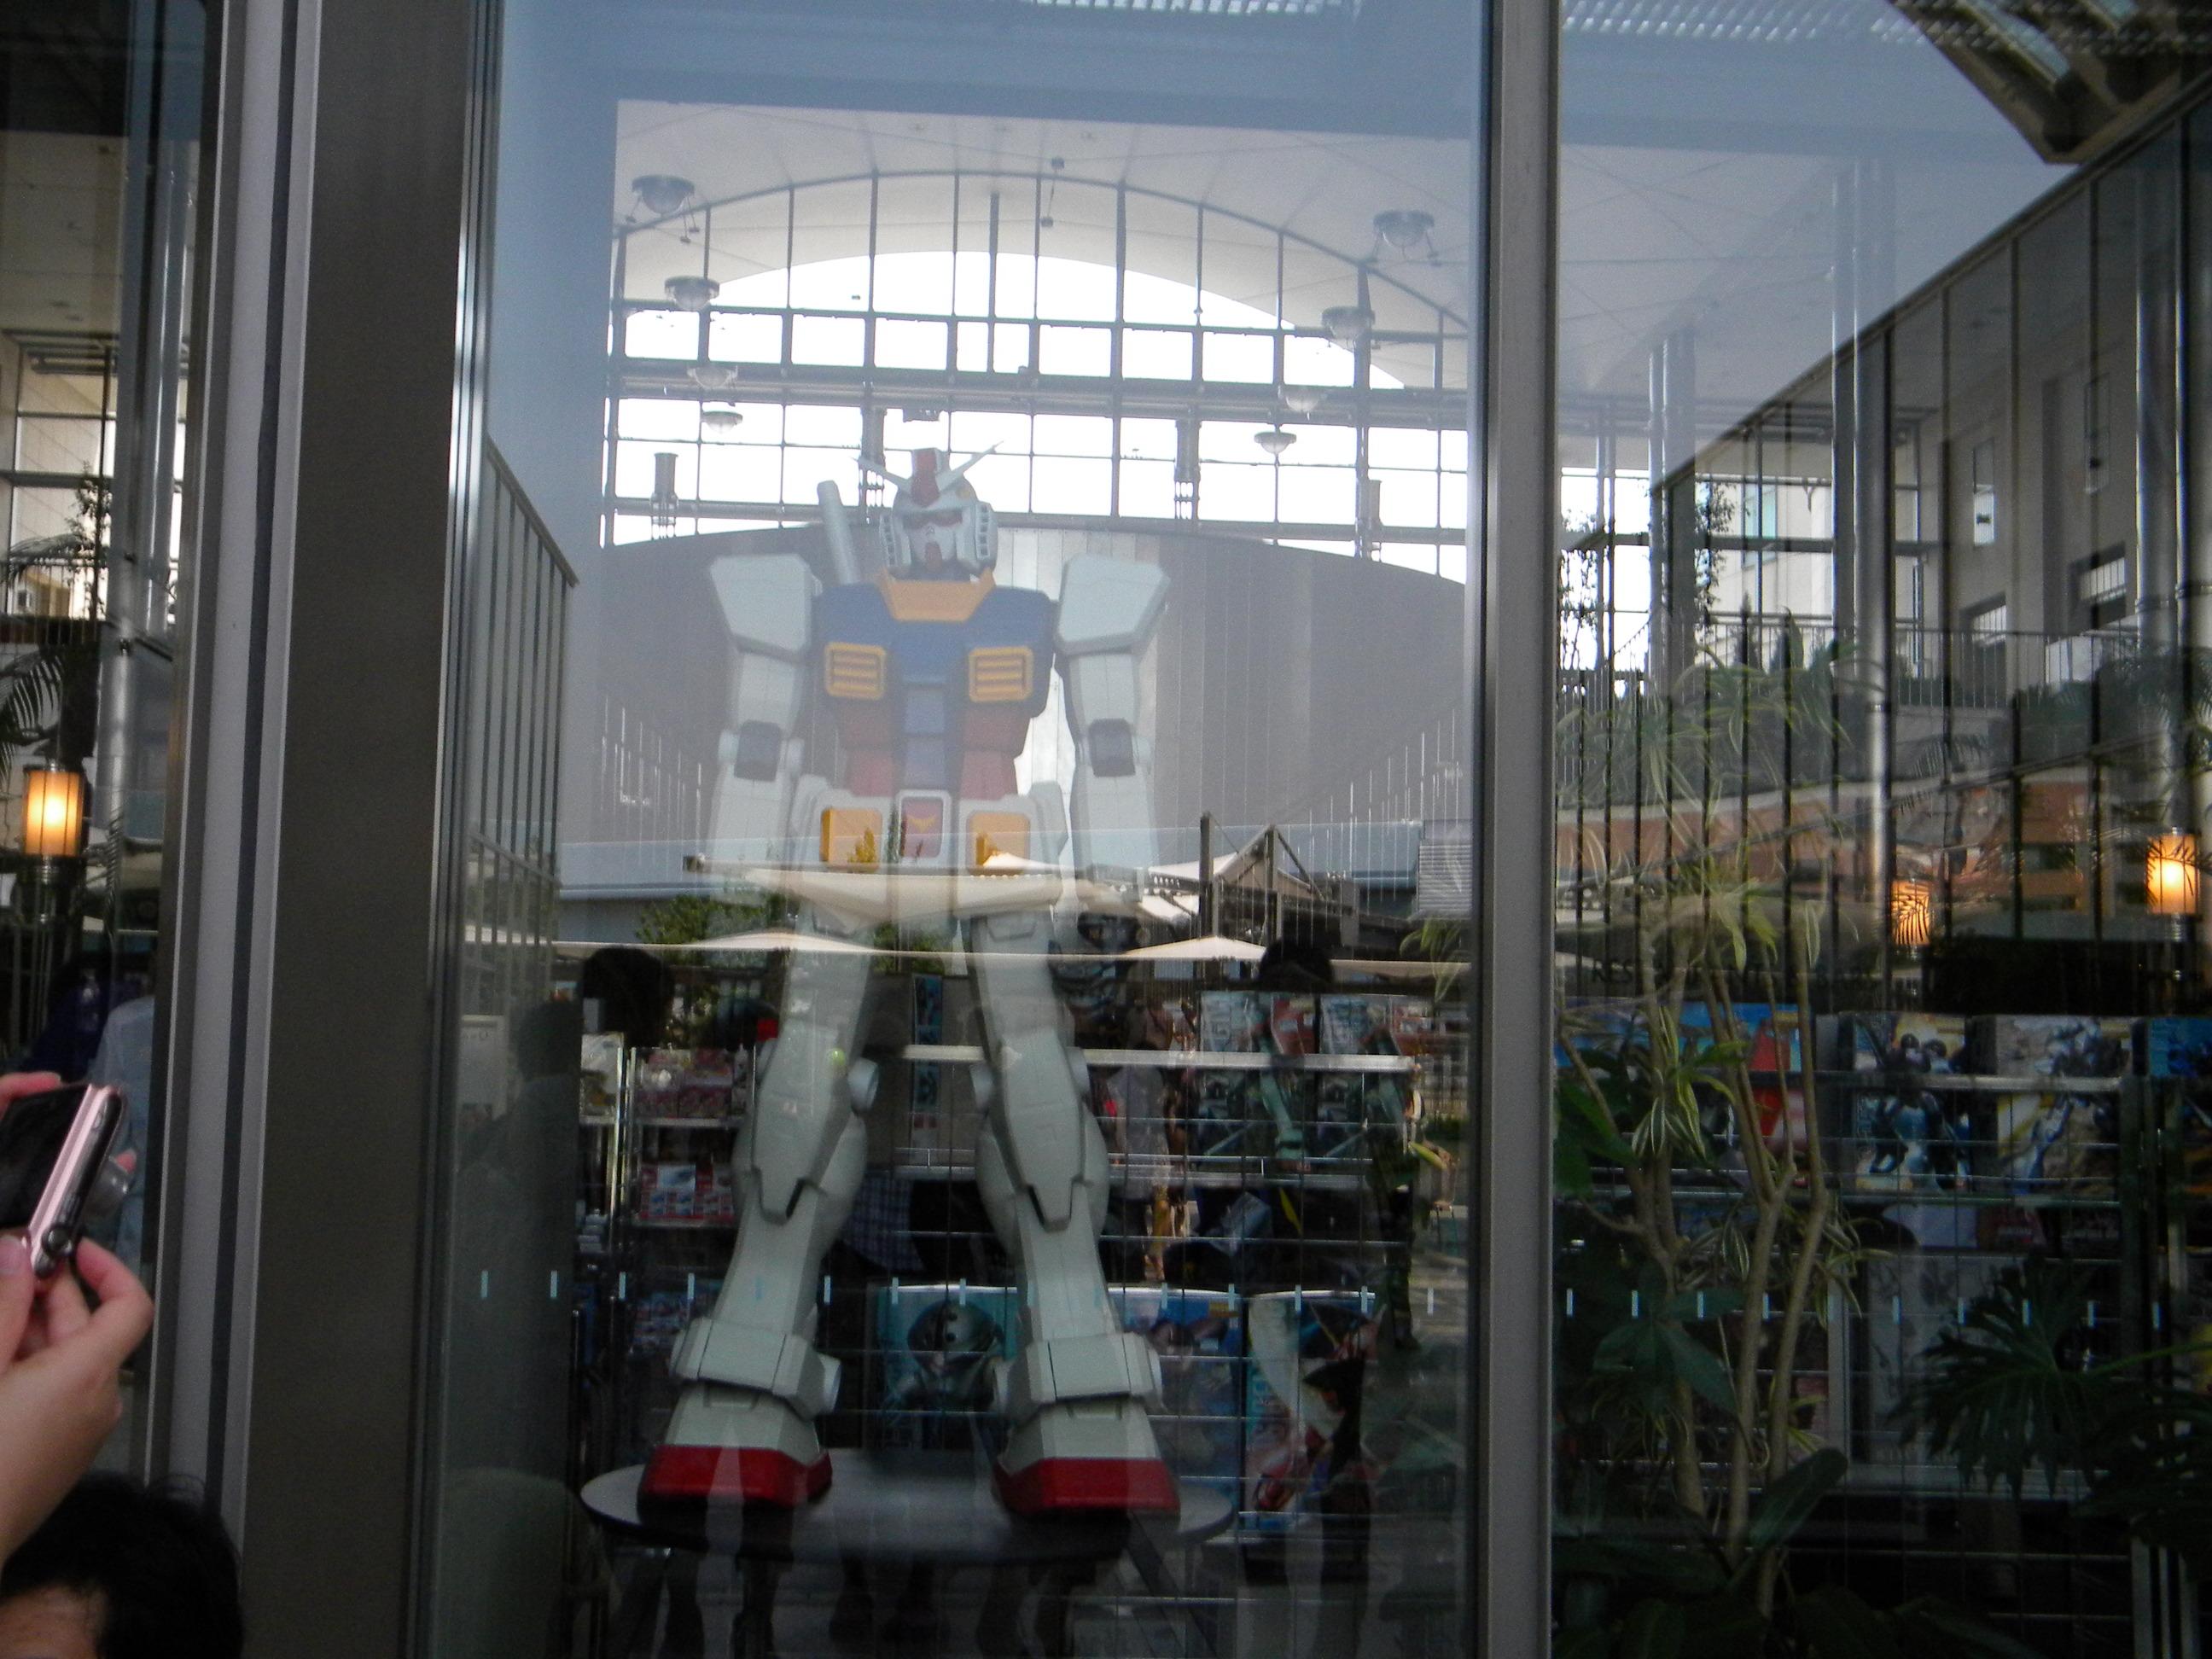 2009/08 ディズニー旅行4日目 「ガンダム&大江戸温泉」』お台場(東京